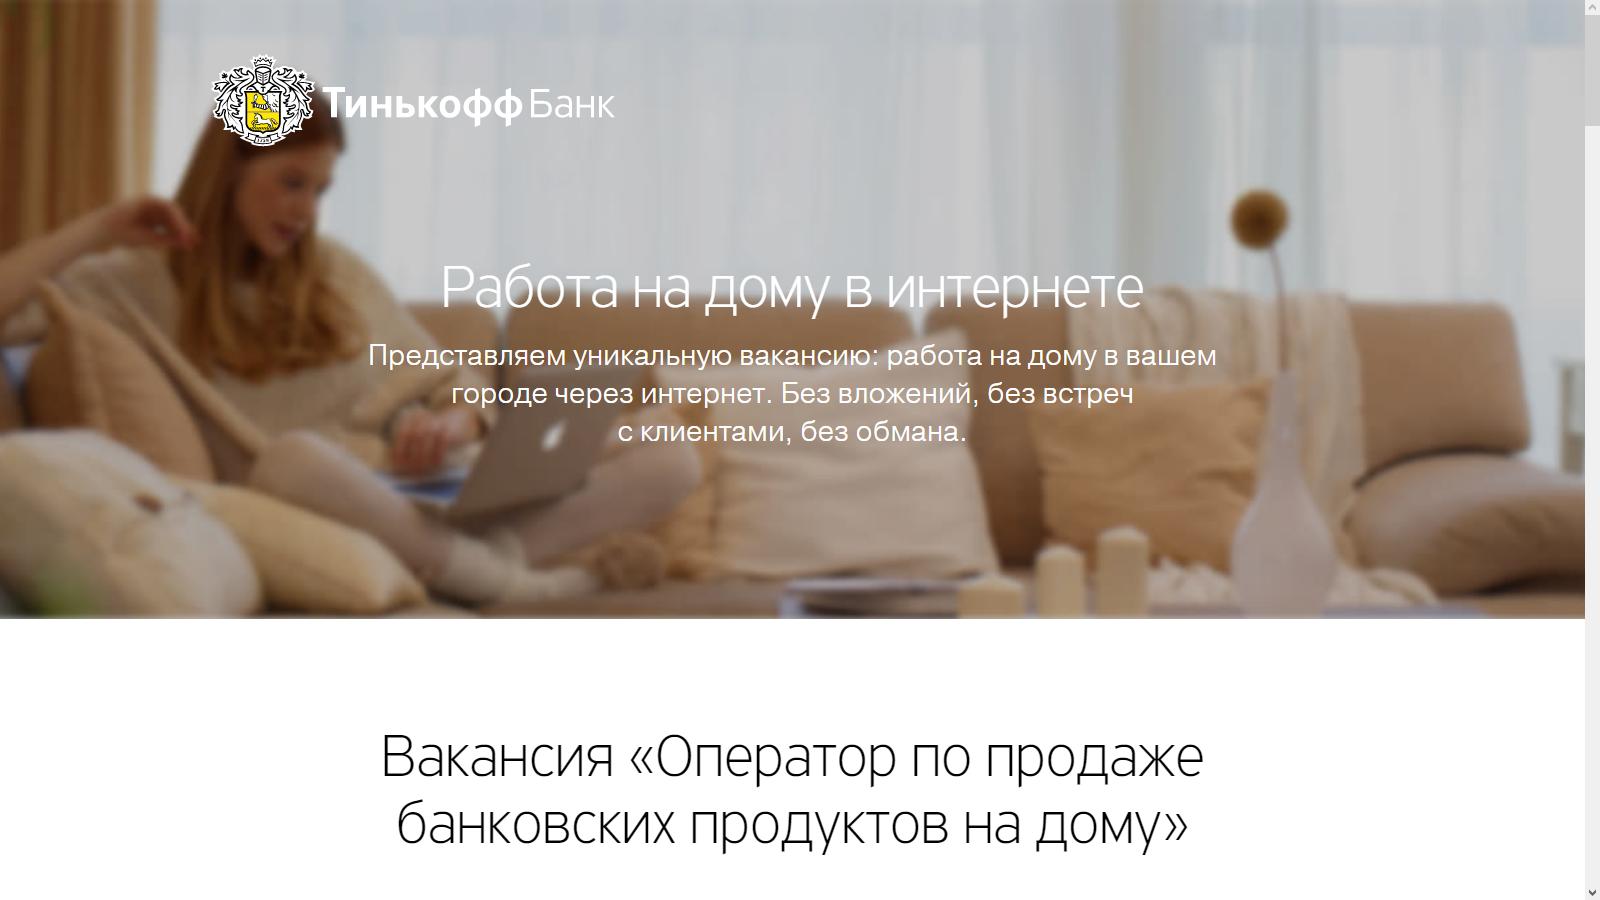 Вакансии Тинькоффа - работа на дому